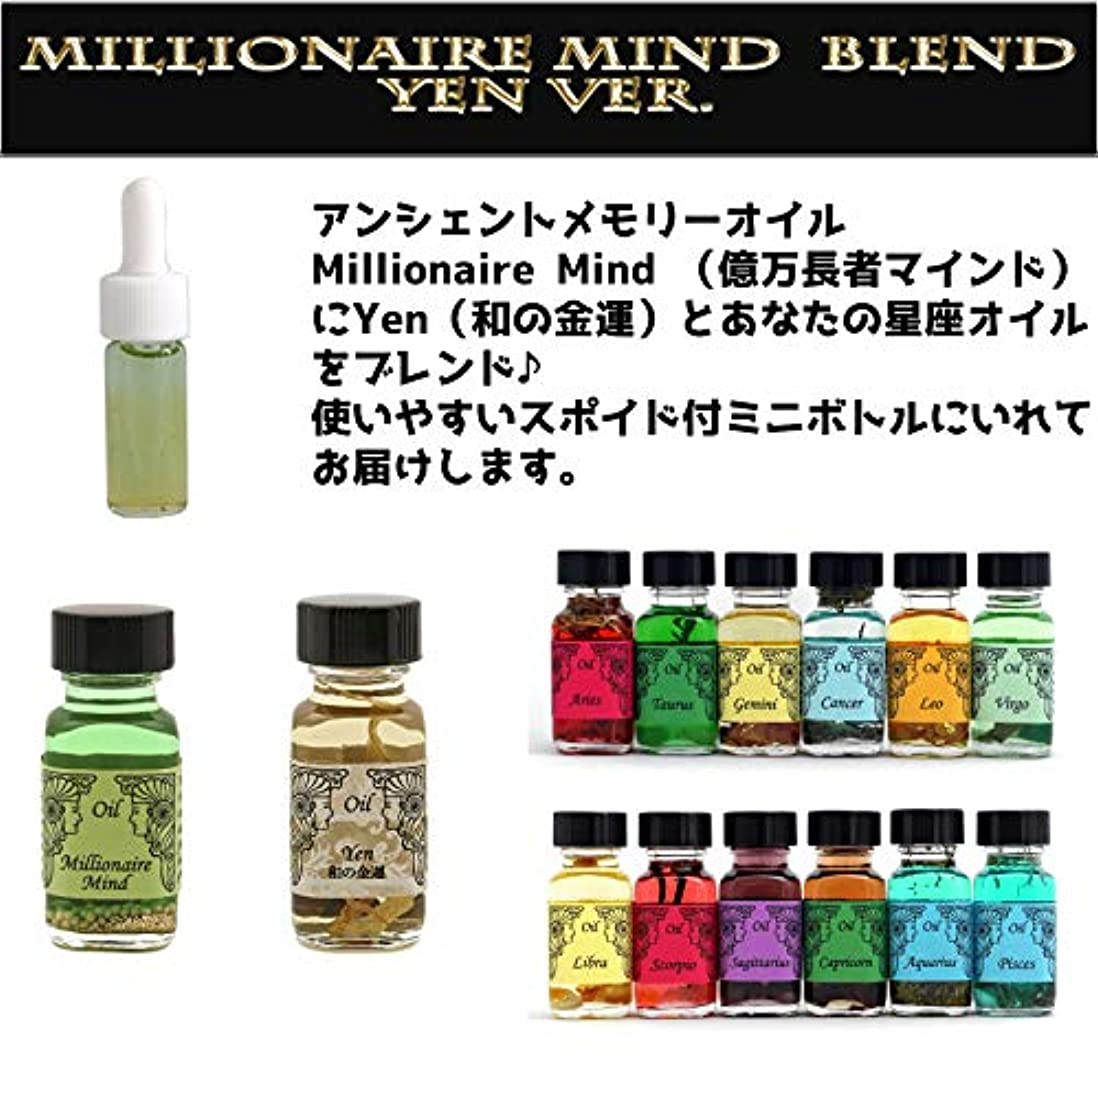 ミキサー規則性国アンシェントメモリーオイル Millionaire Mind 億万長者マインド ブレンド【Yen 和の金運&みずがめ座】